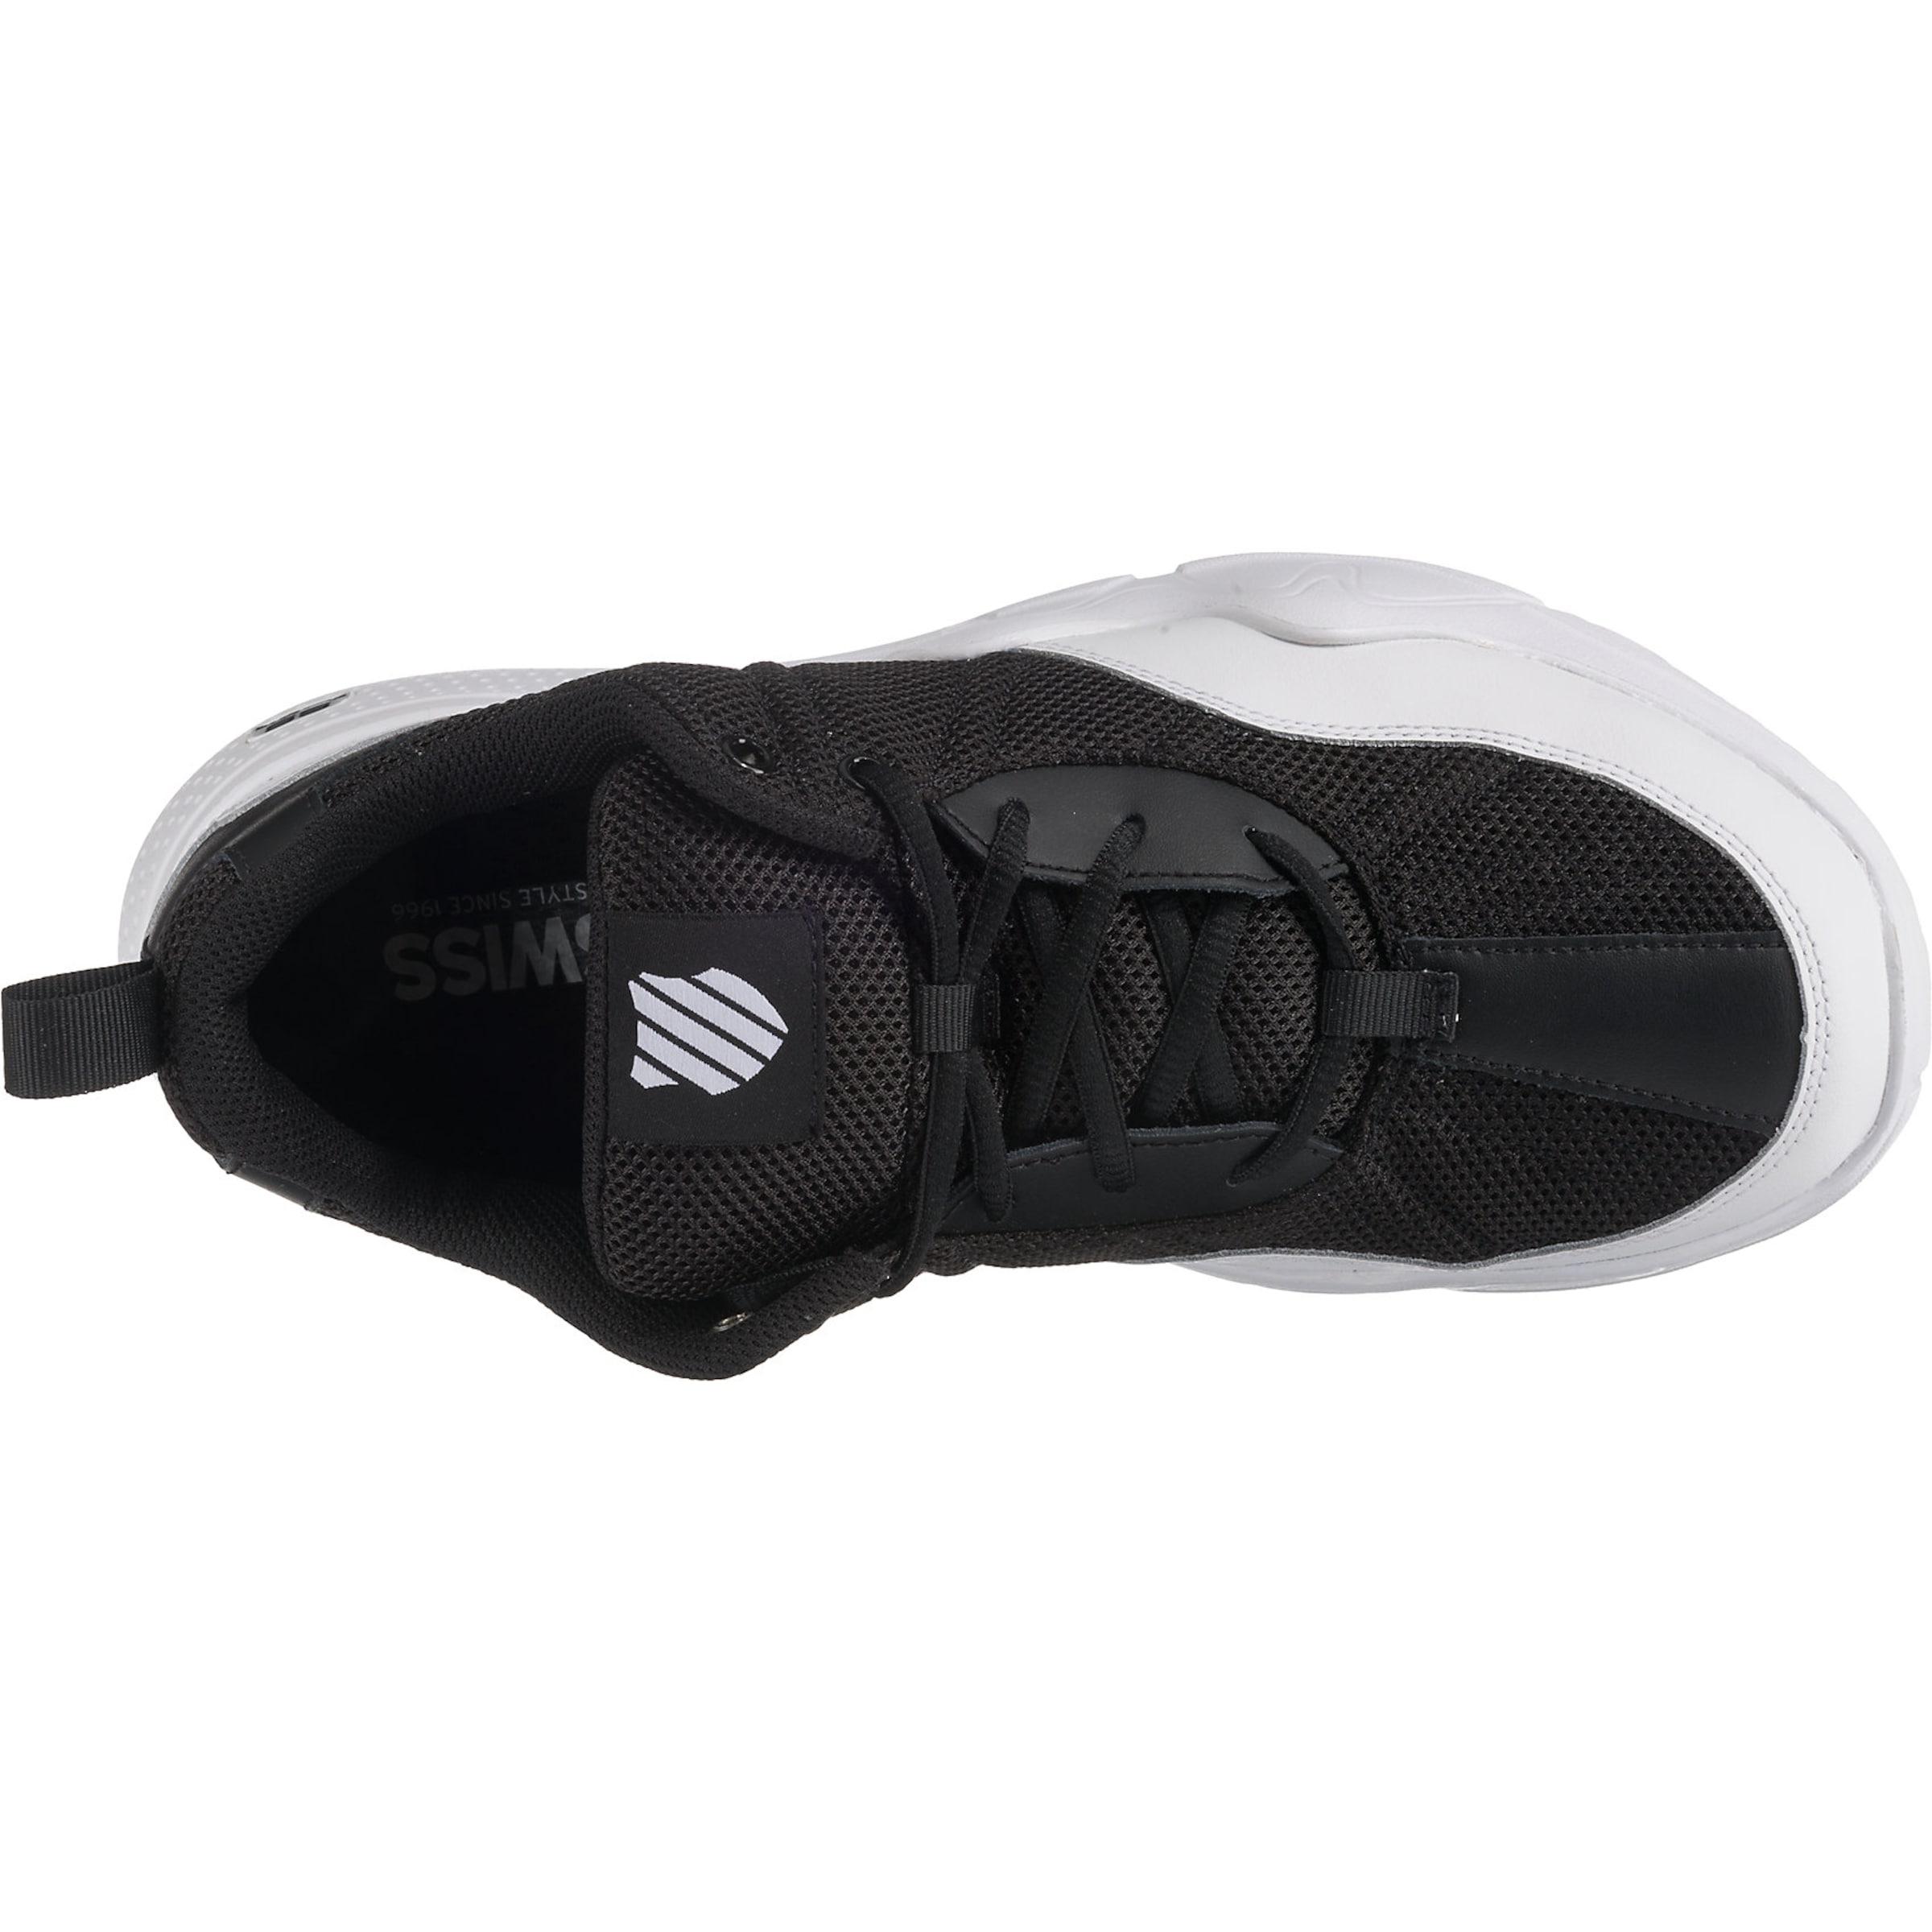 K 'cr Sneakers In swiss 329' SchwarzmeliertWeiß PwnOk0